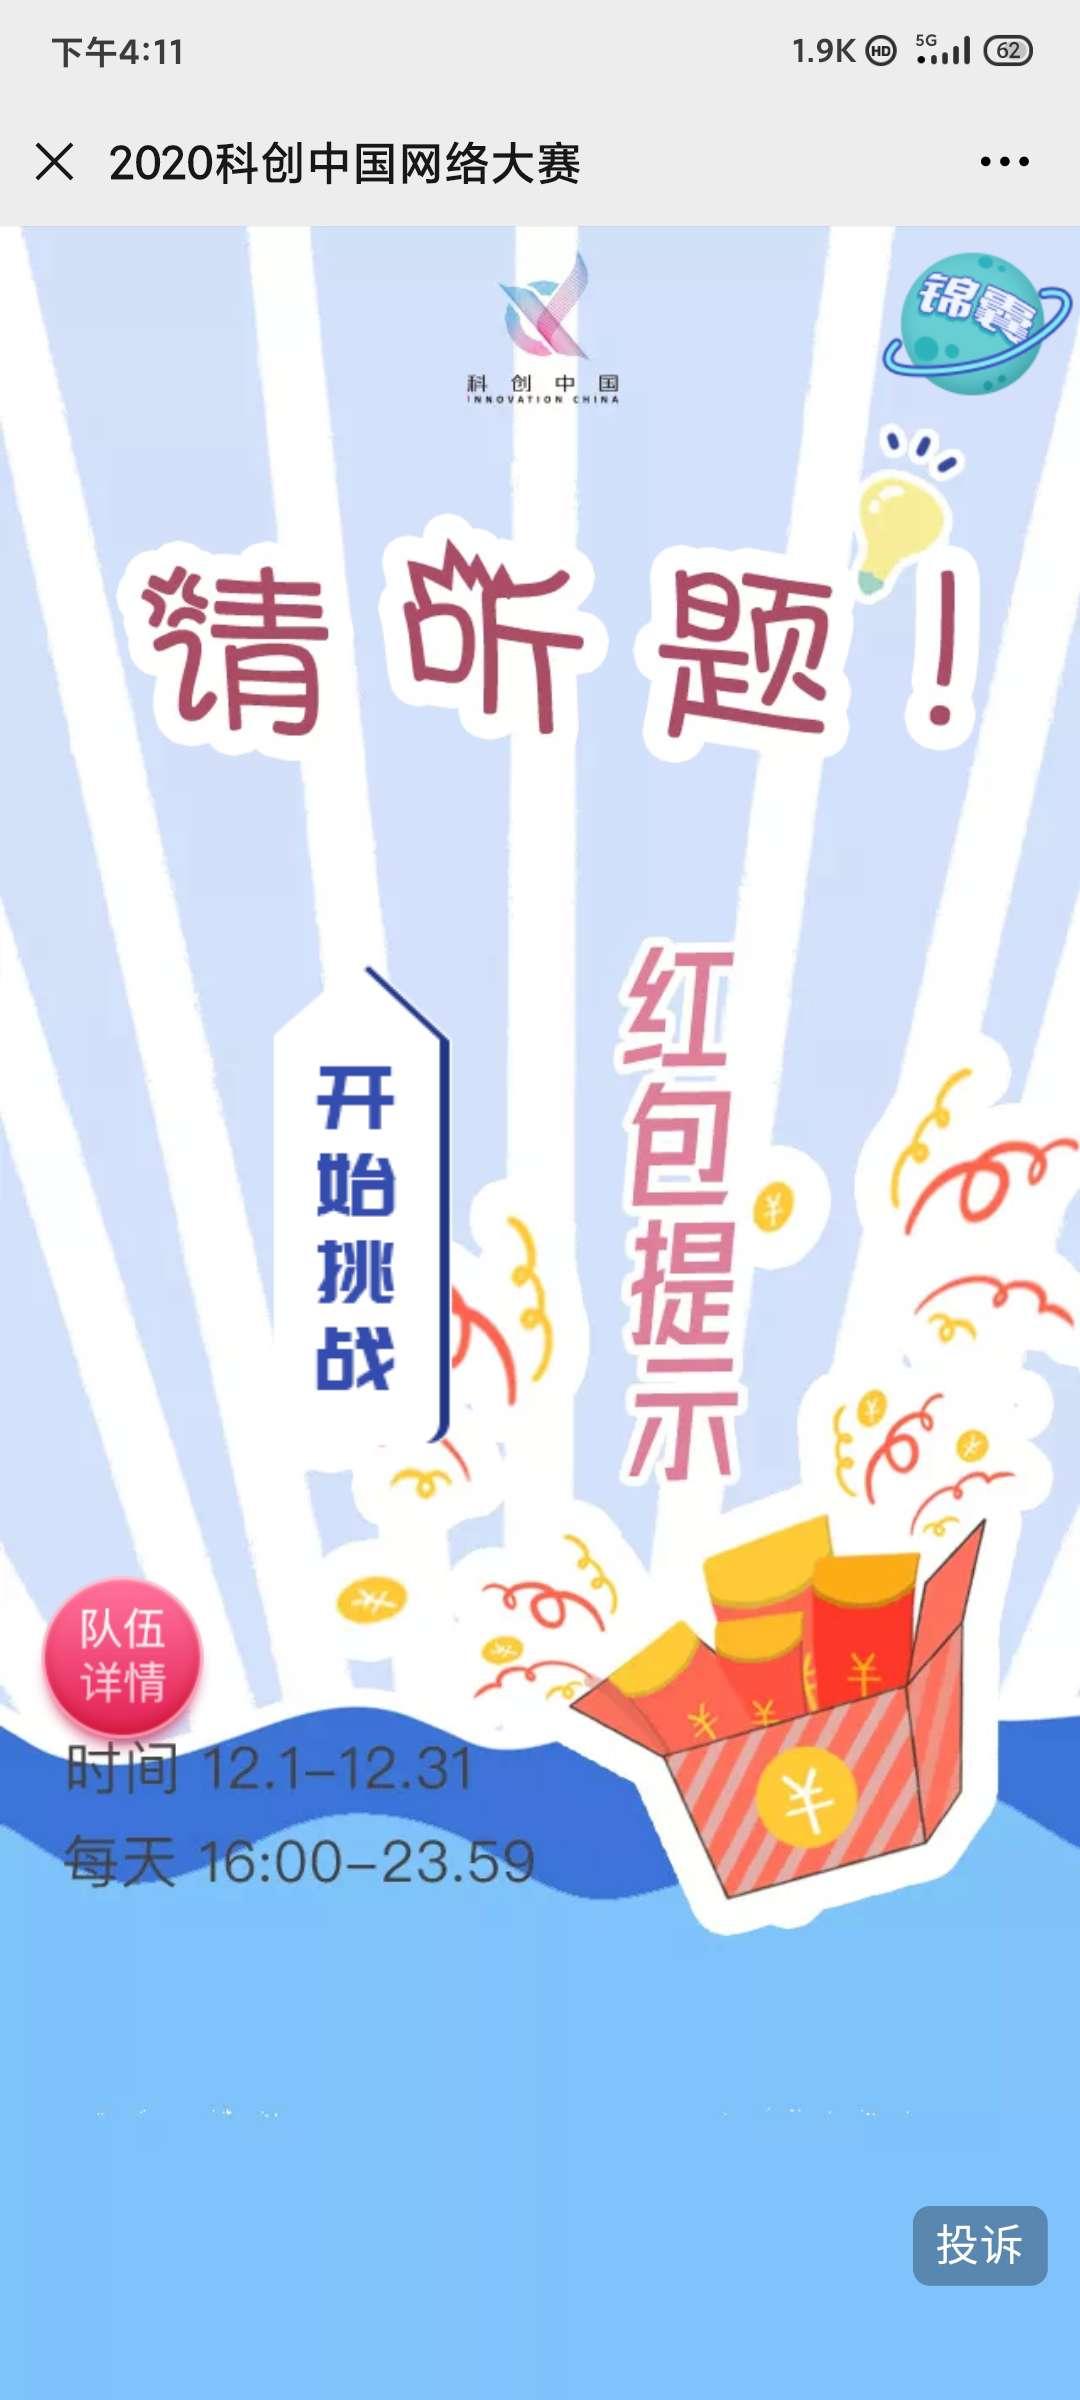 图片[1]-科技中国,答题抽红包-老友薅羊毛活动线报网